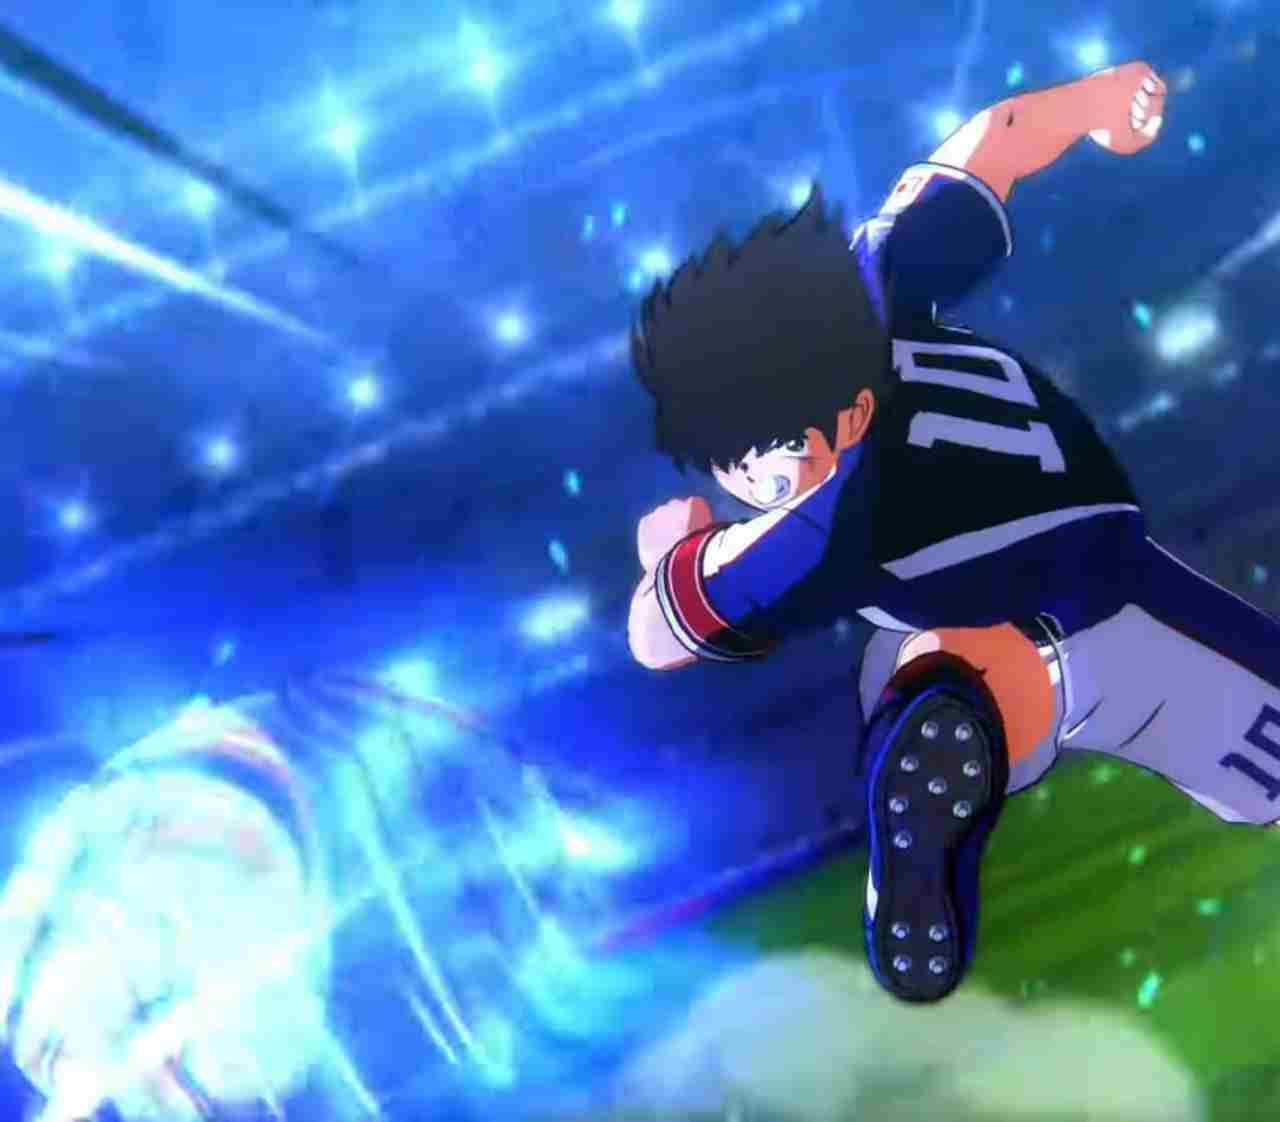 Captain Tsubasa Rise of New Champions: Holly e Benji arrivano su PlayStation